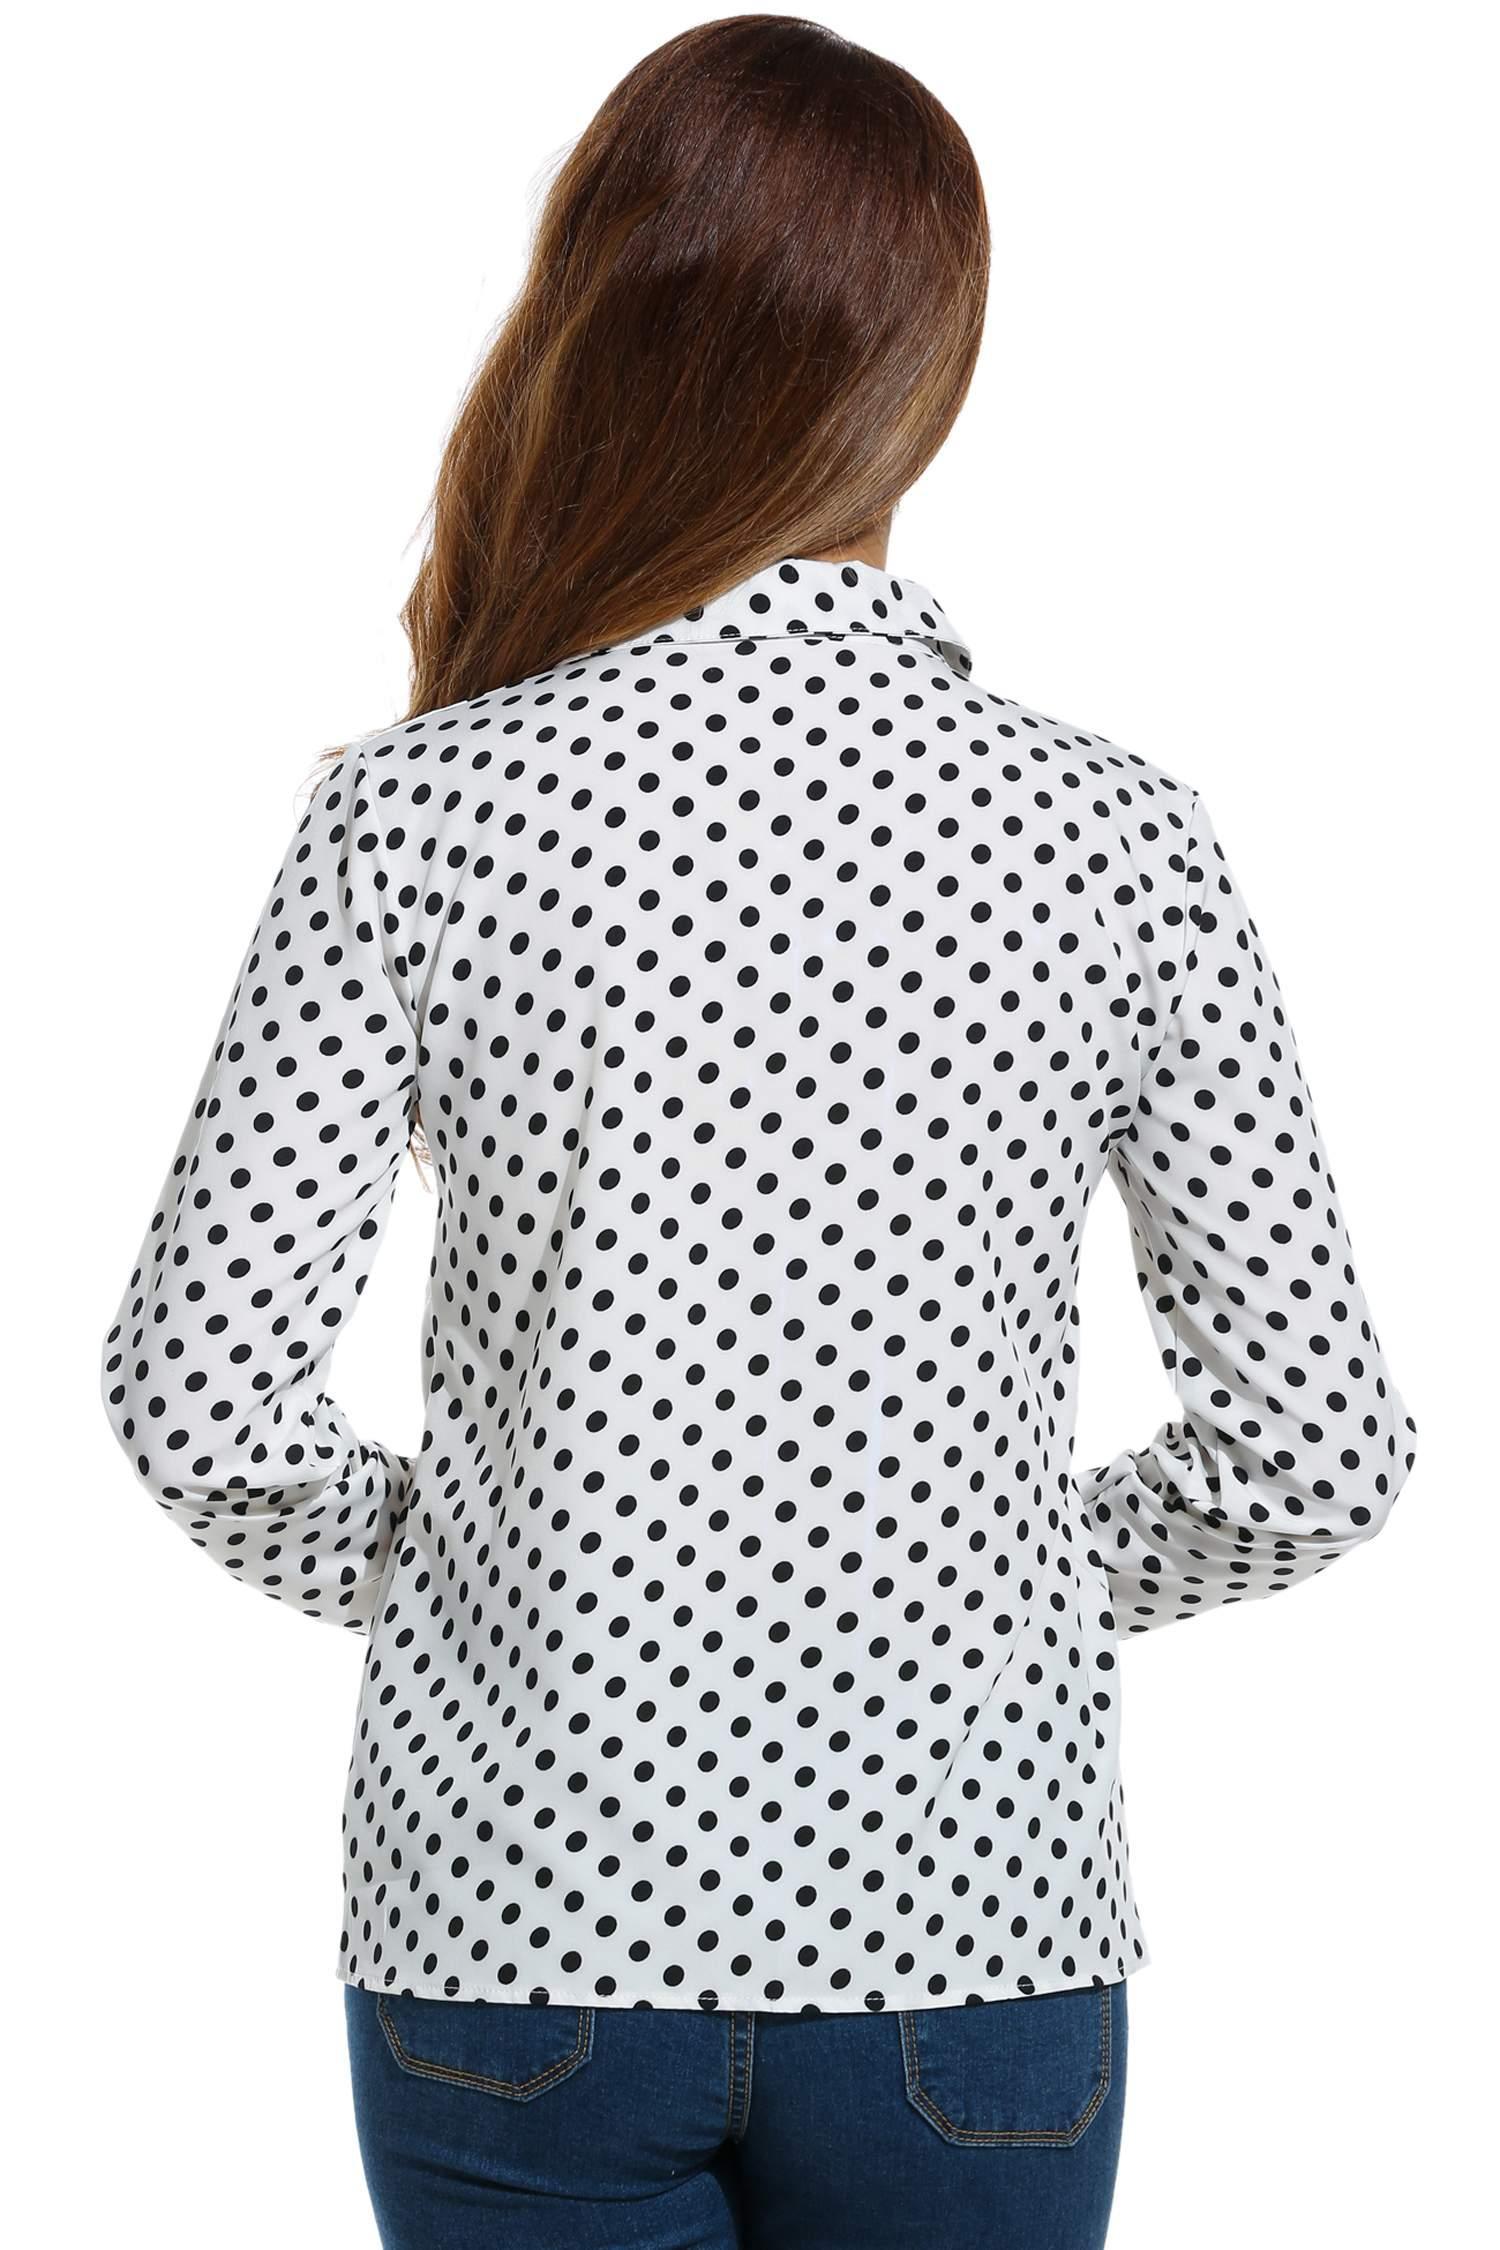 Women Long Sleeve Polka Dot Casual Loose Button Down Shirt 4